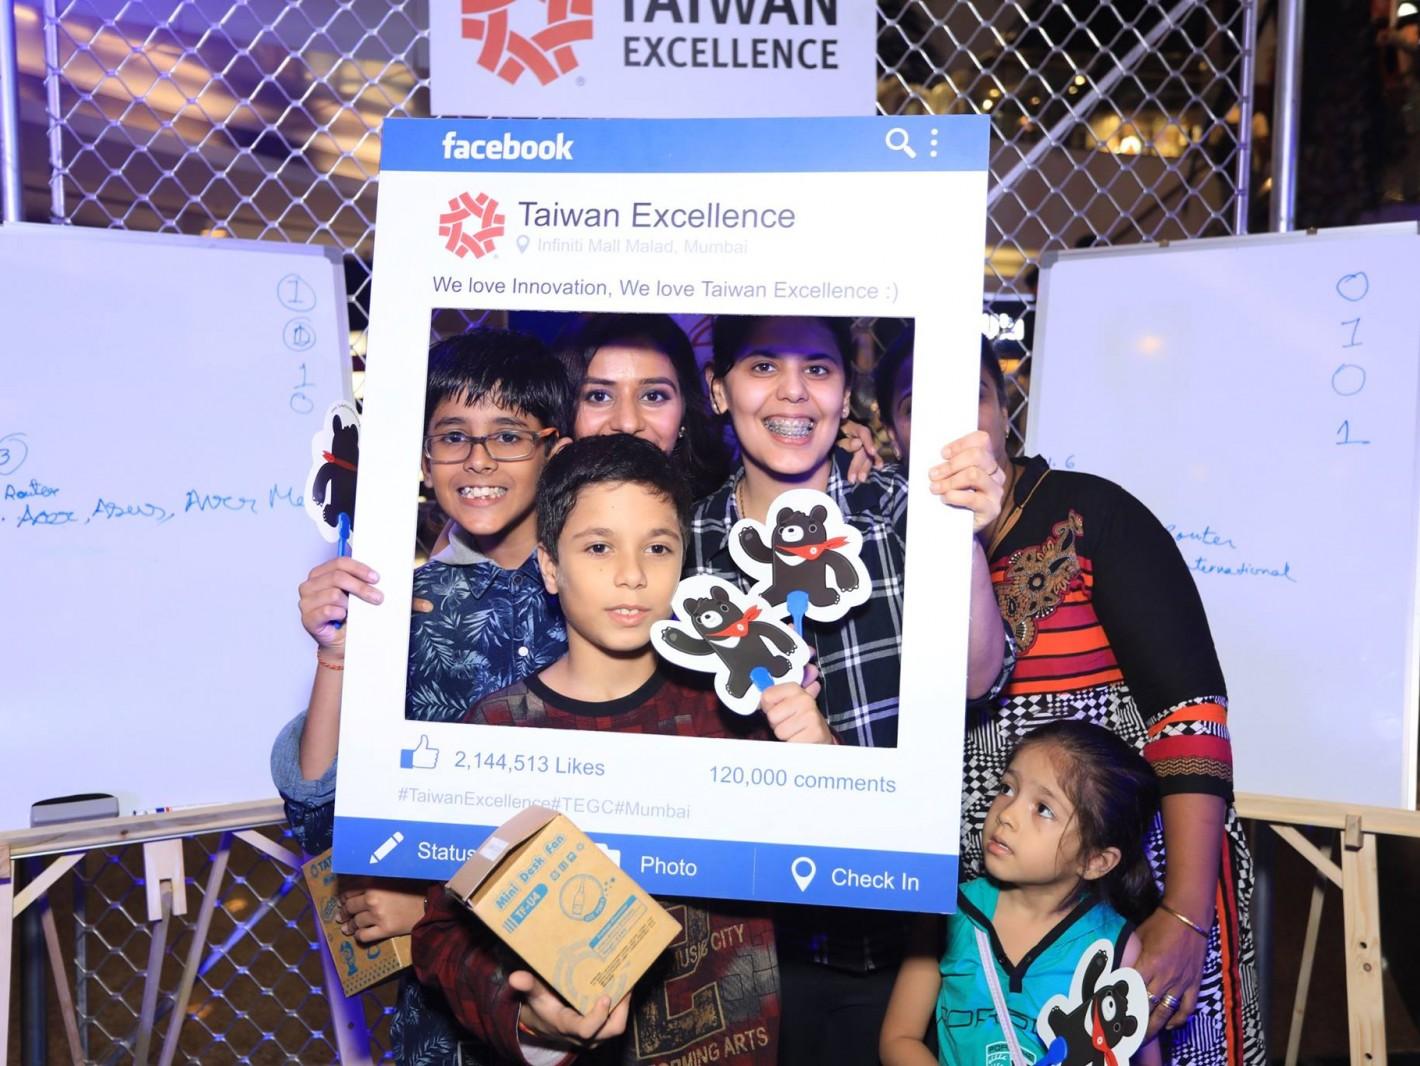 台灣精品電競盃活動吸引眾多印度消費者參與